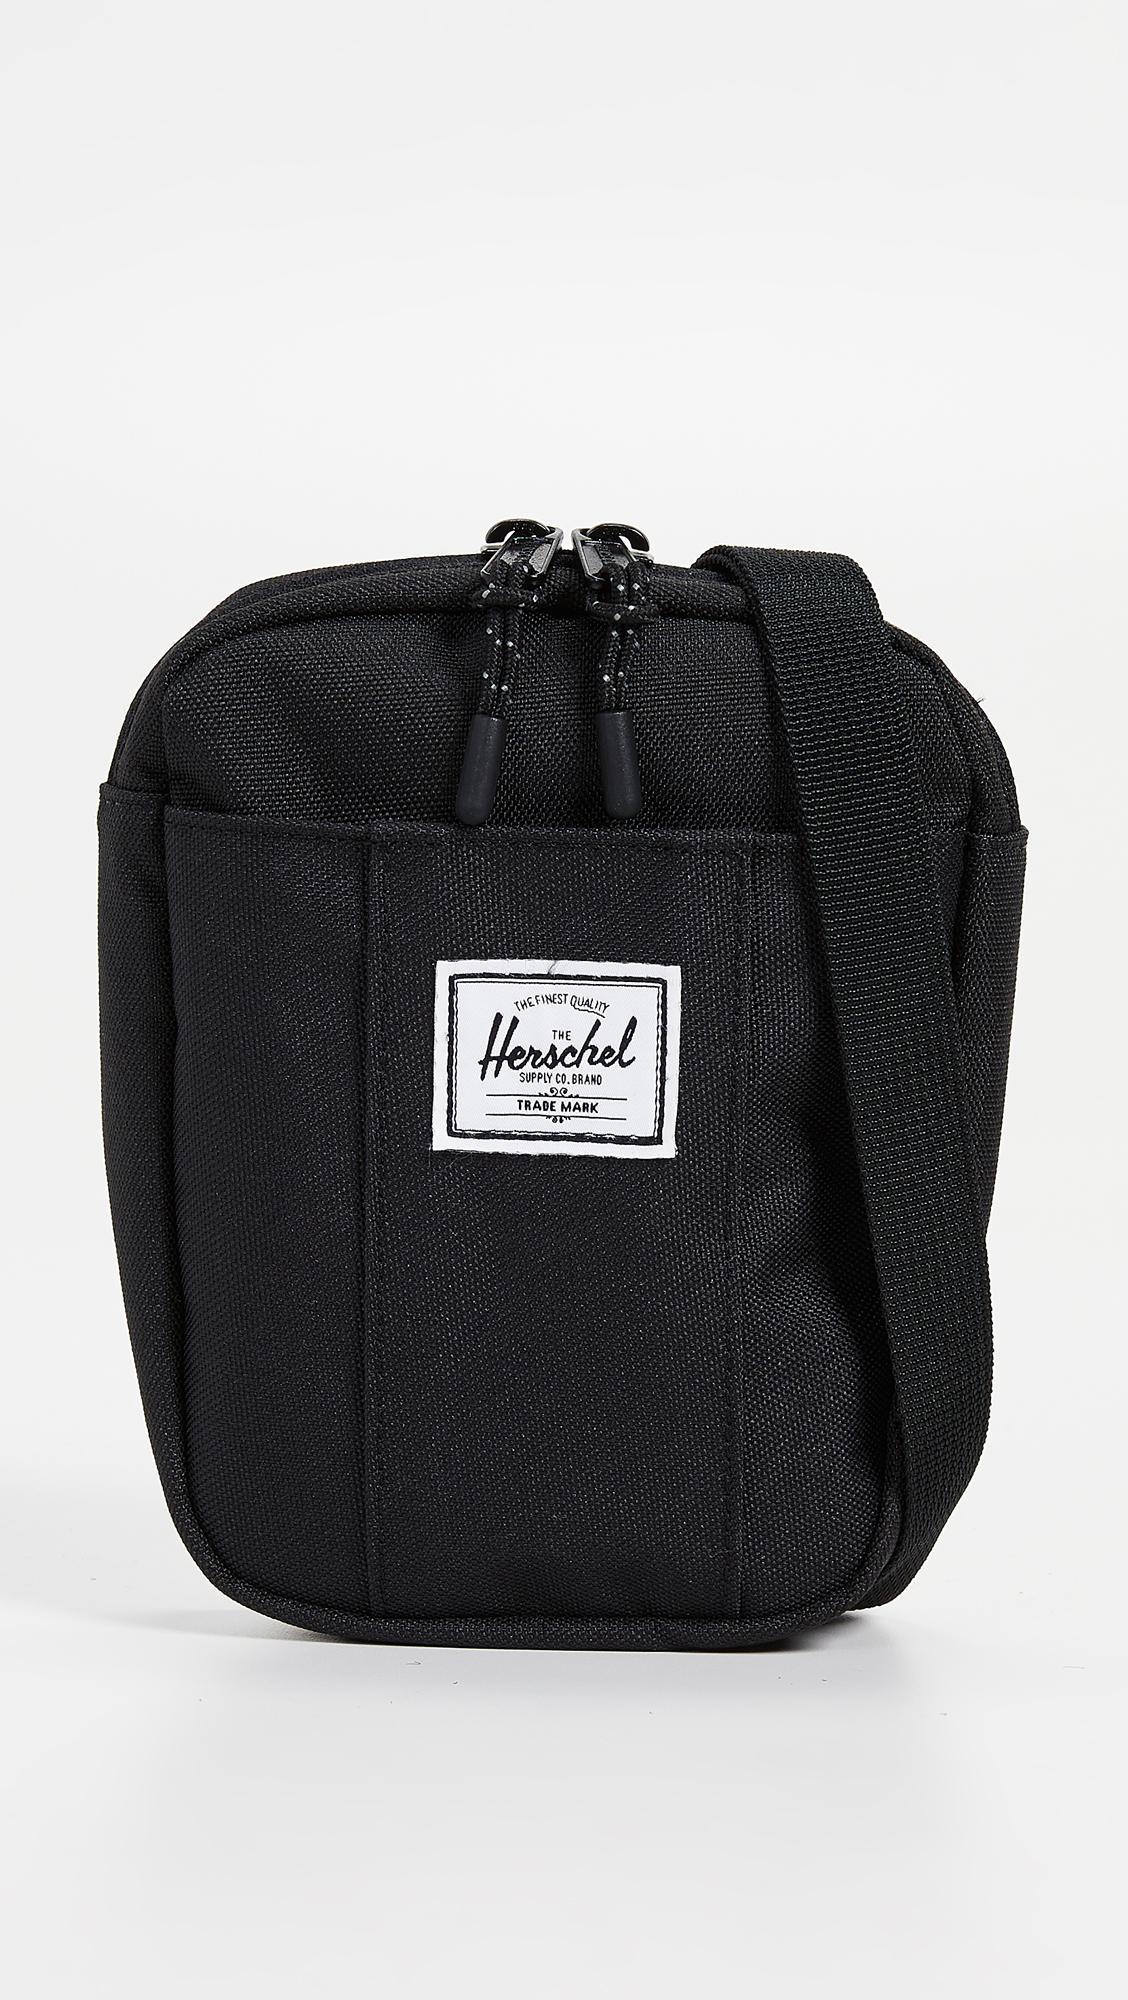 500c352926 Lyst - Herschel Supply Co. Cruz Crossbody Bag in Black for Men